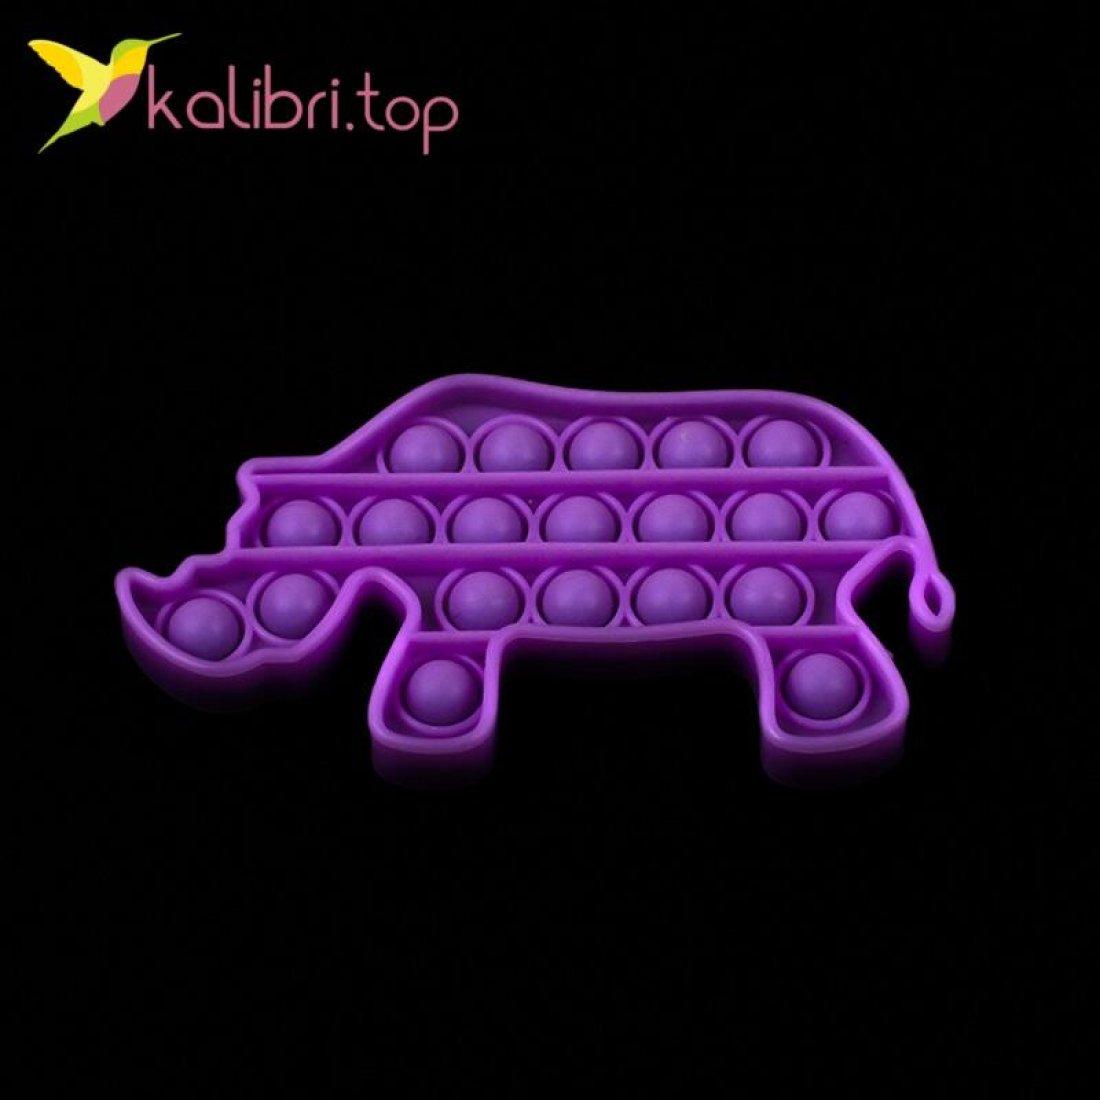 Купить Поп-ит (pop-it) флуоресцентный Носорог оптом фото 02